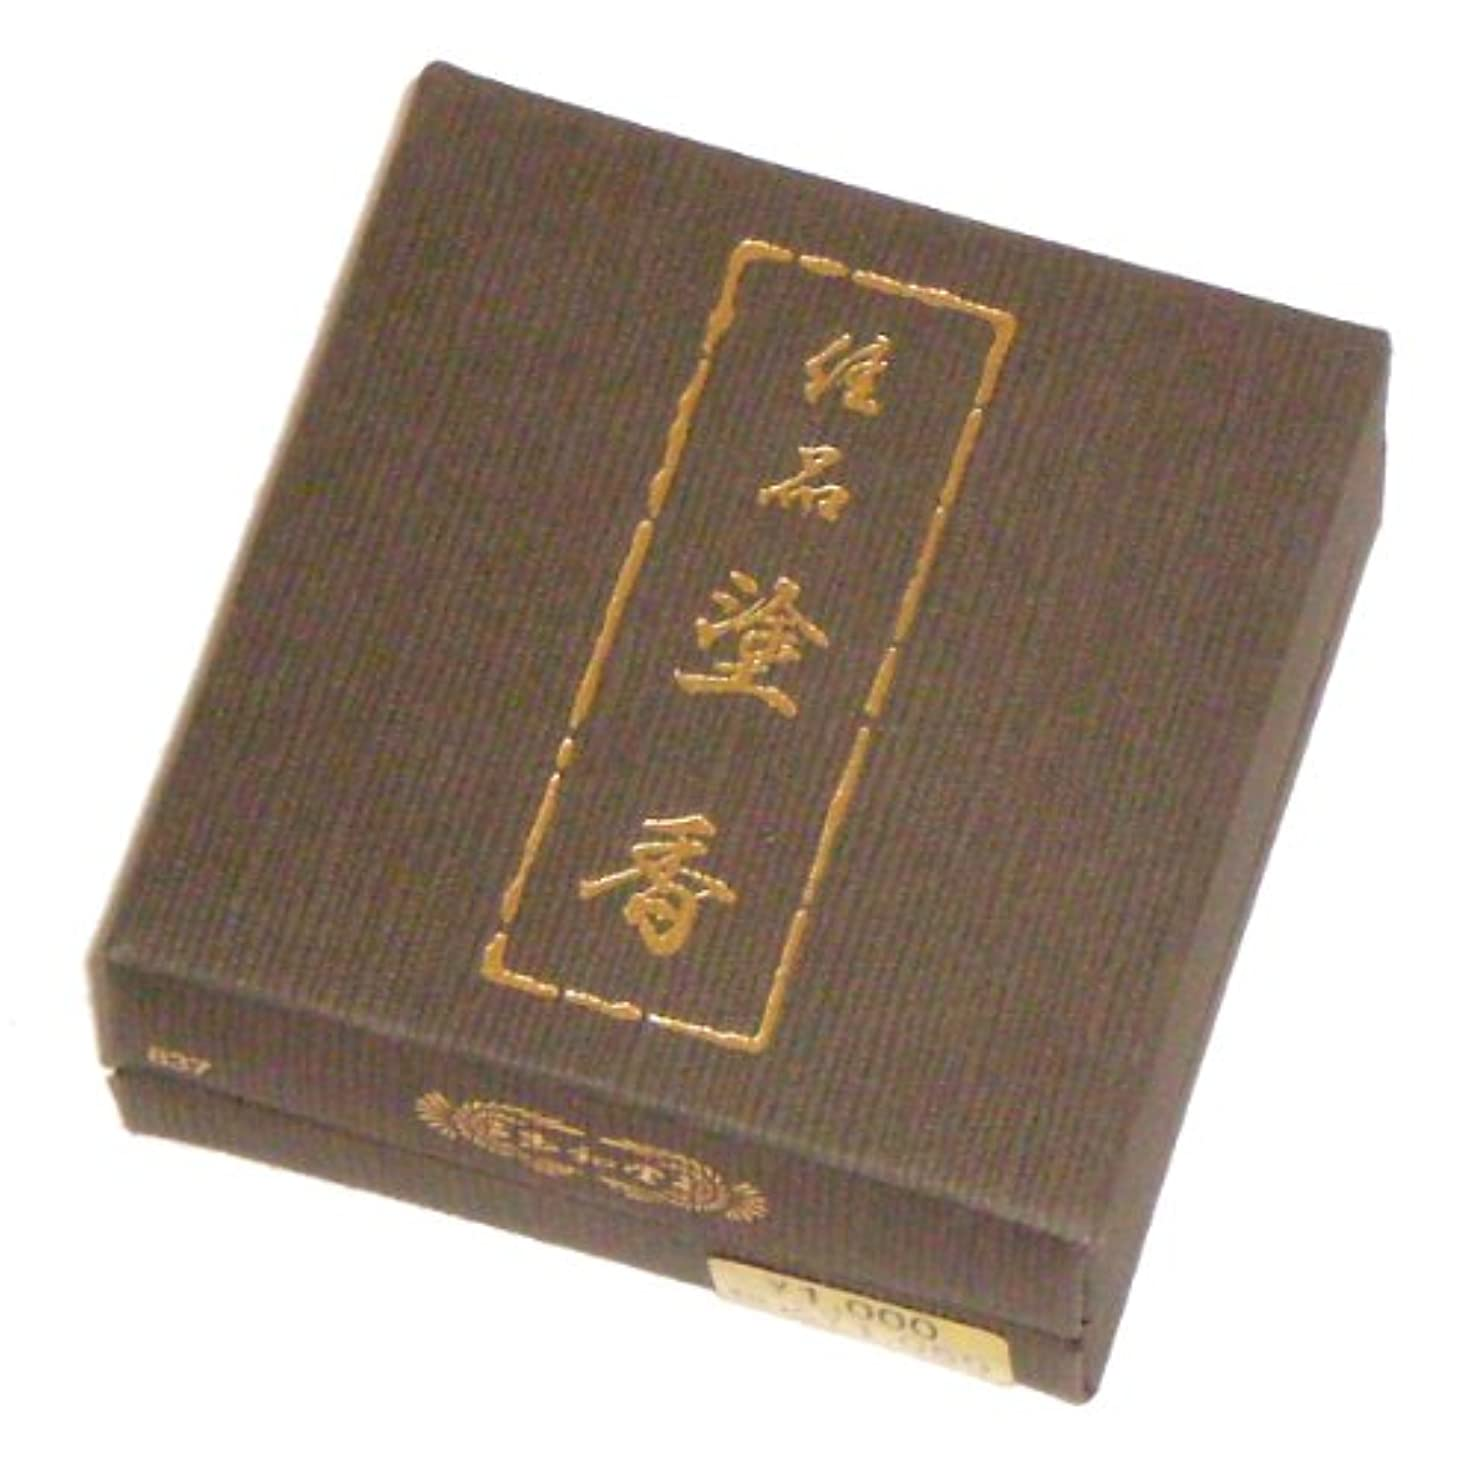 やがてメイドかわす玉初堂のお香 佳品塗香 15g 紙箱 #837